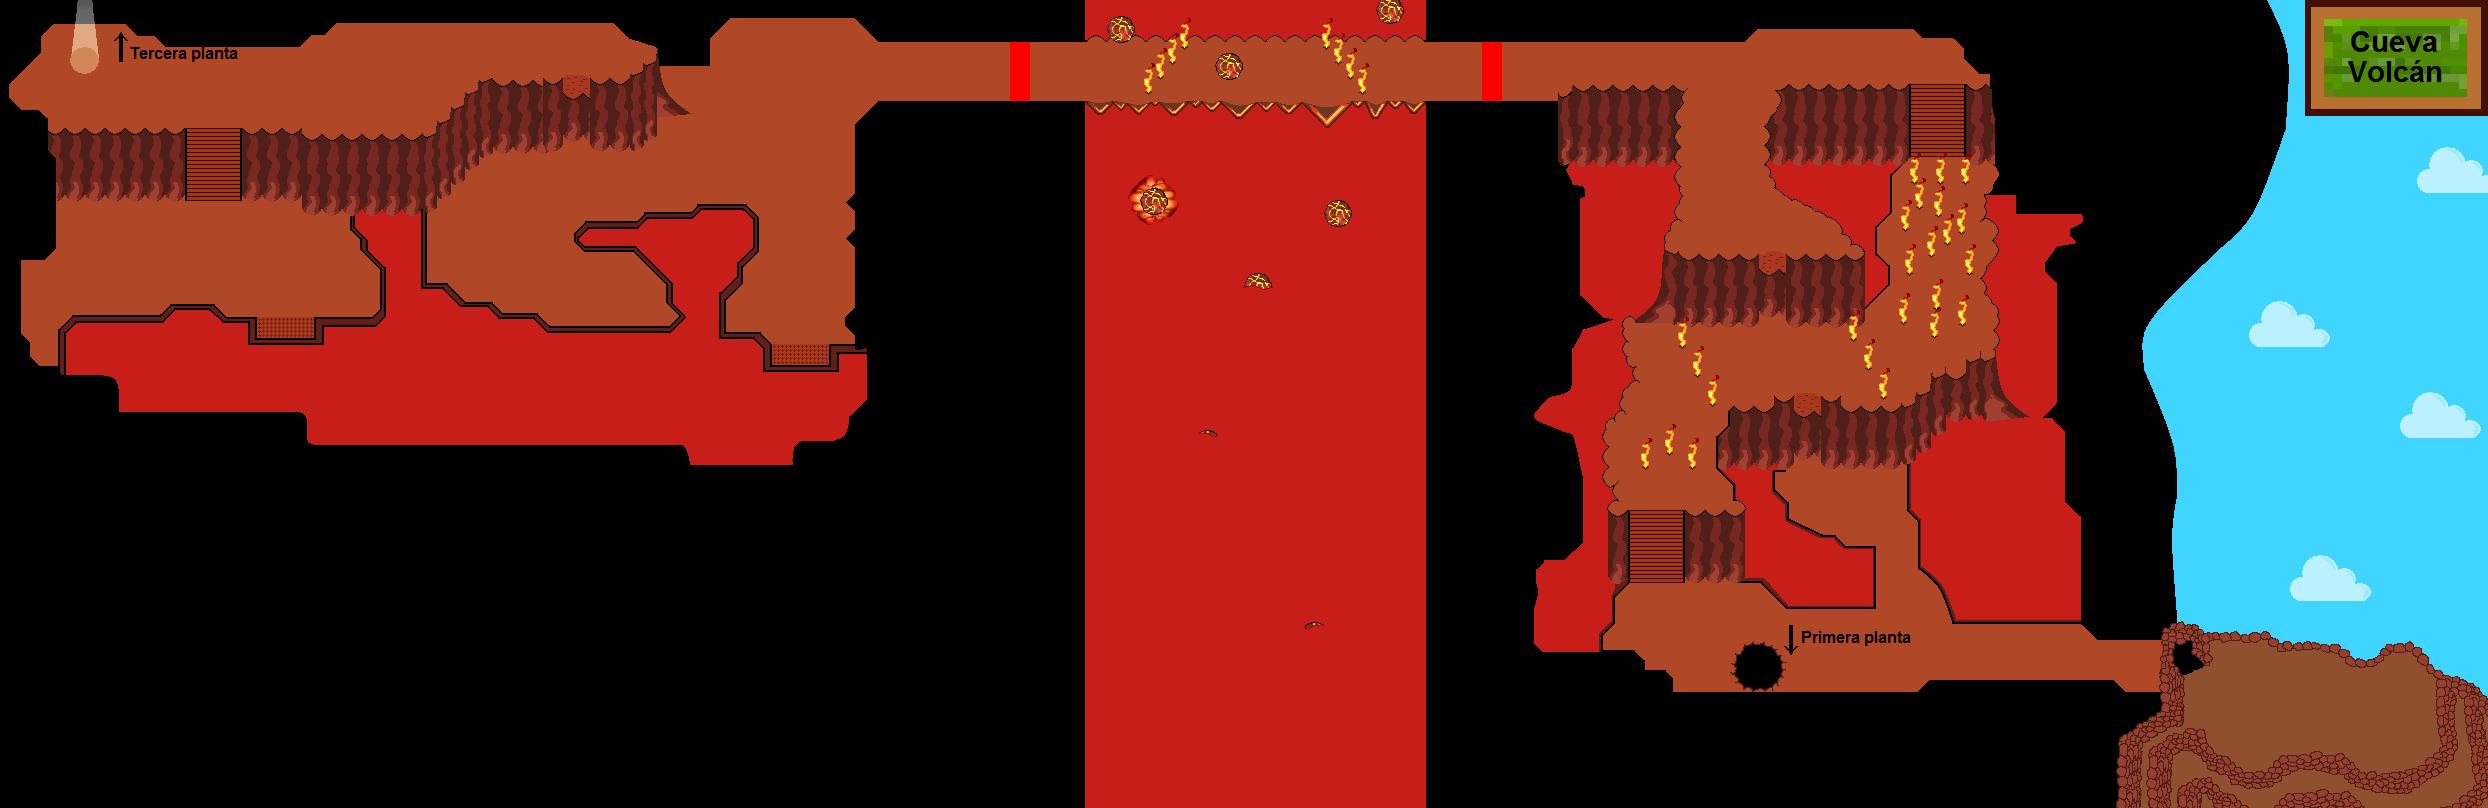 Plano de Cueva Volcán (segunda planta)